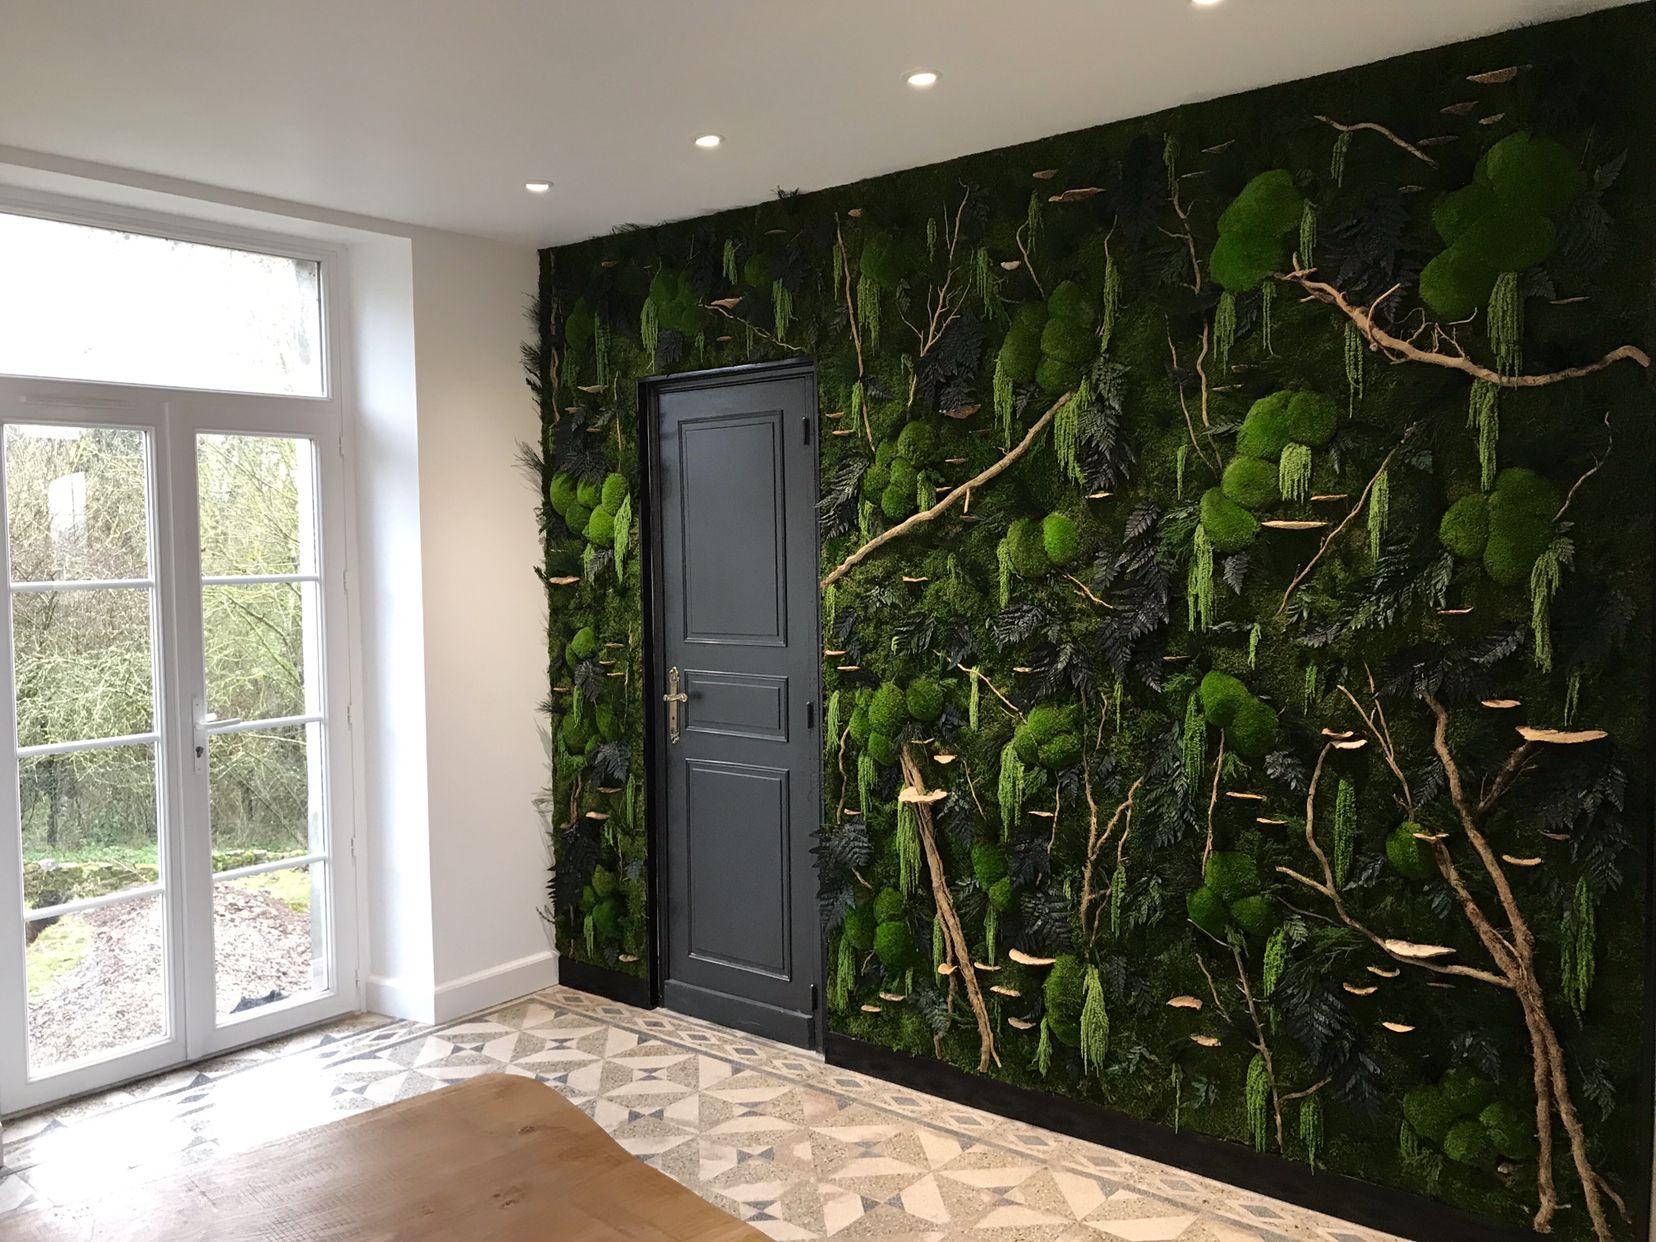 Plante Sur Les Murs l'ère végétale, indoor vegetal design. la décoration d